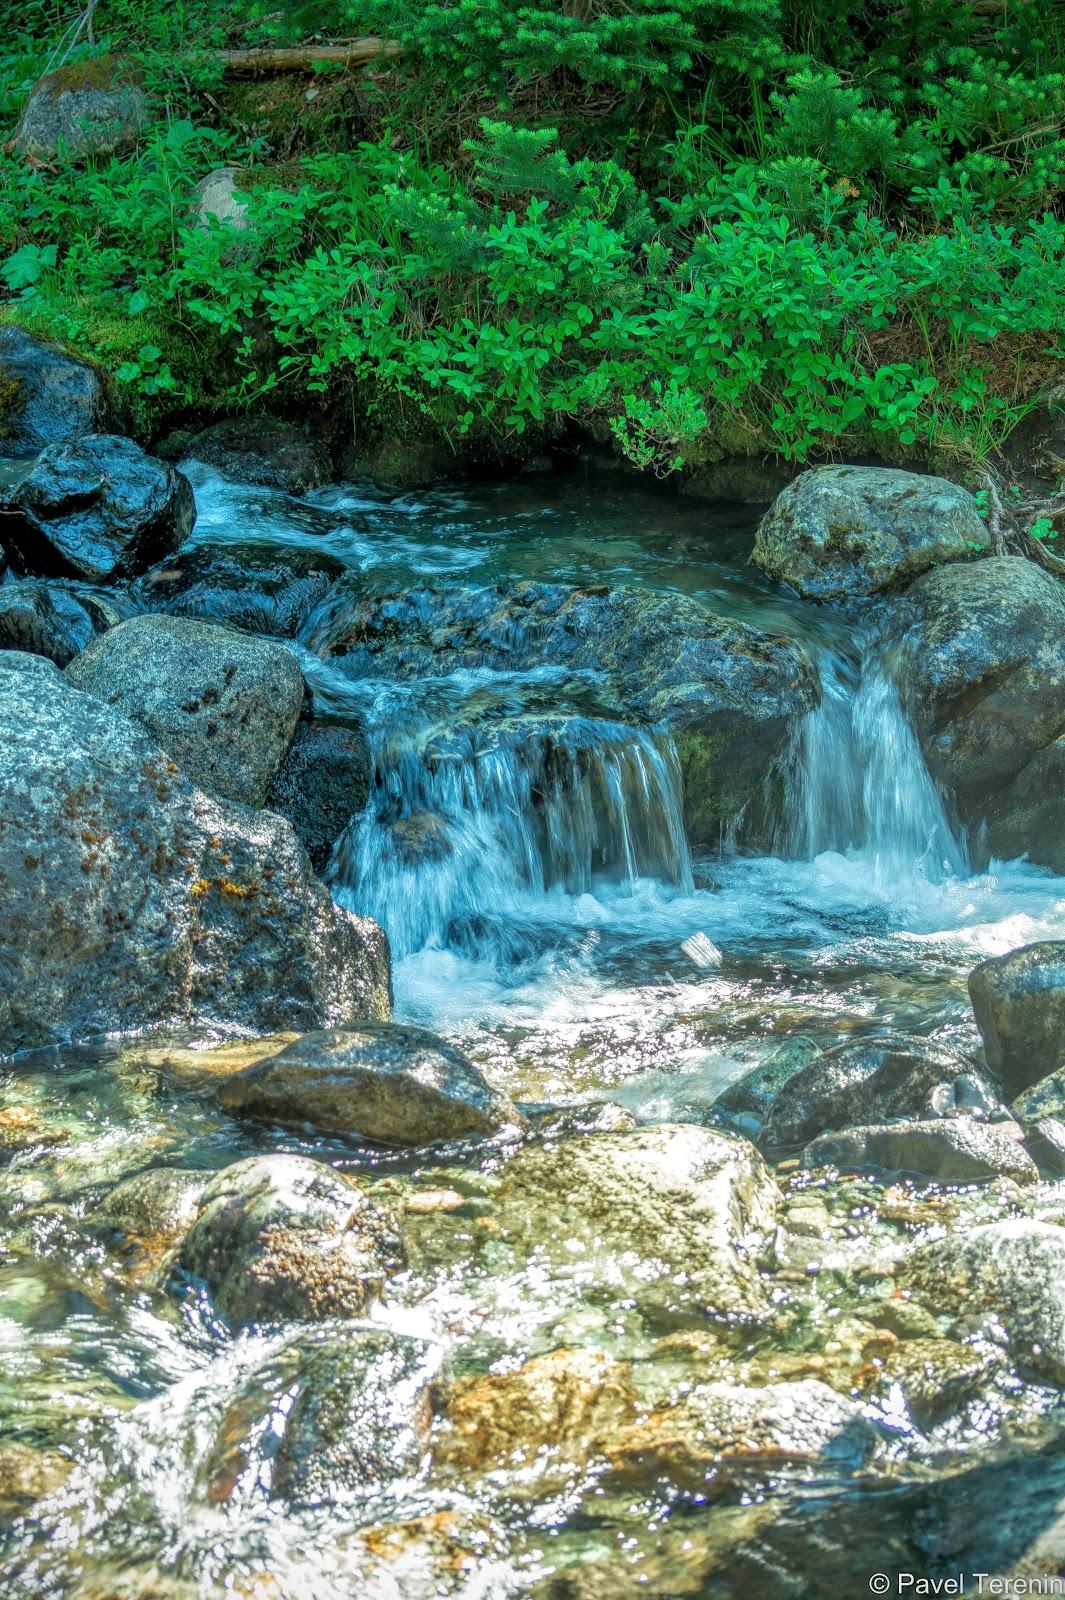 Продолжаем любоваться по пути прозрачными ручьями и водопадиками...